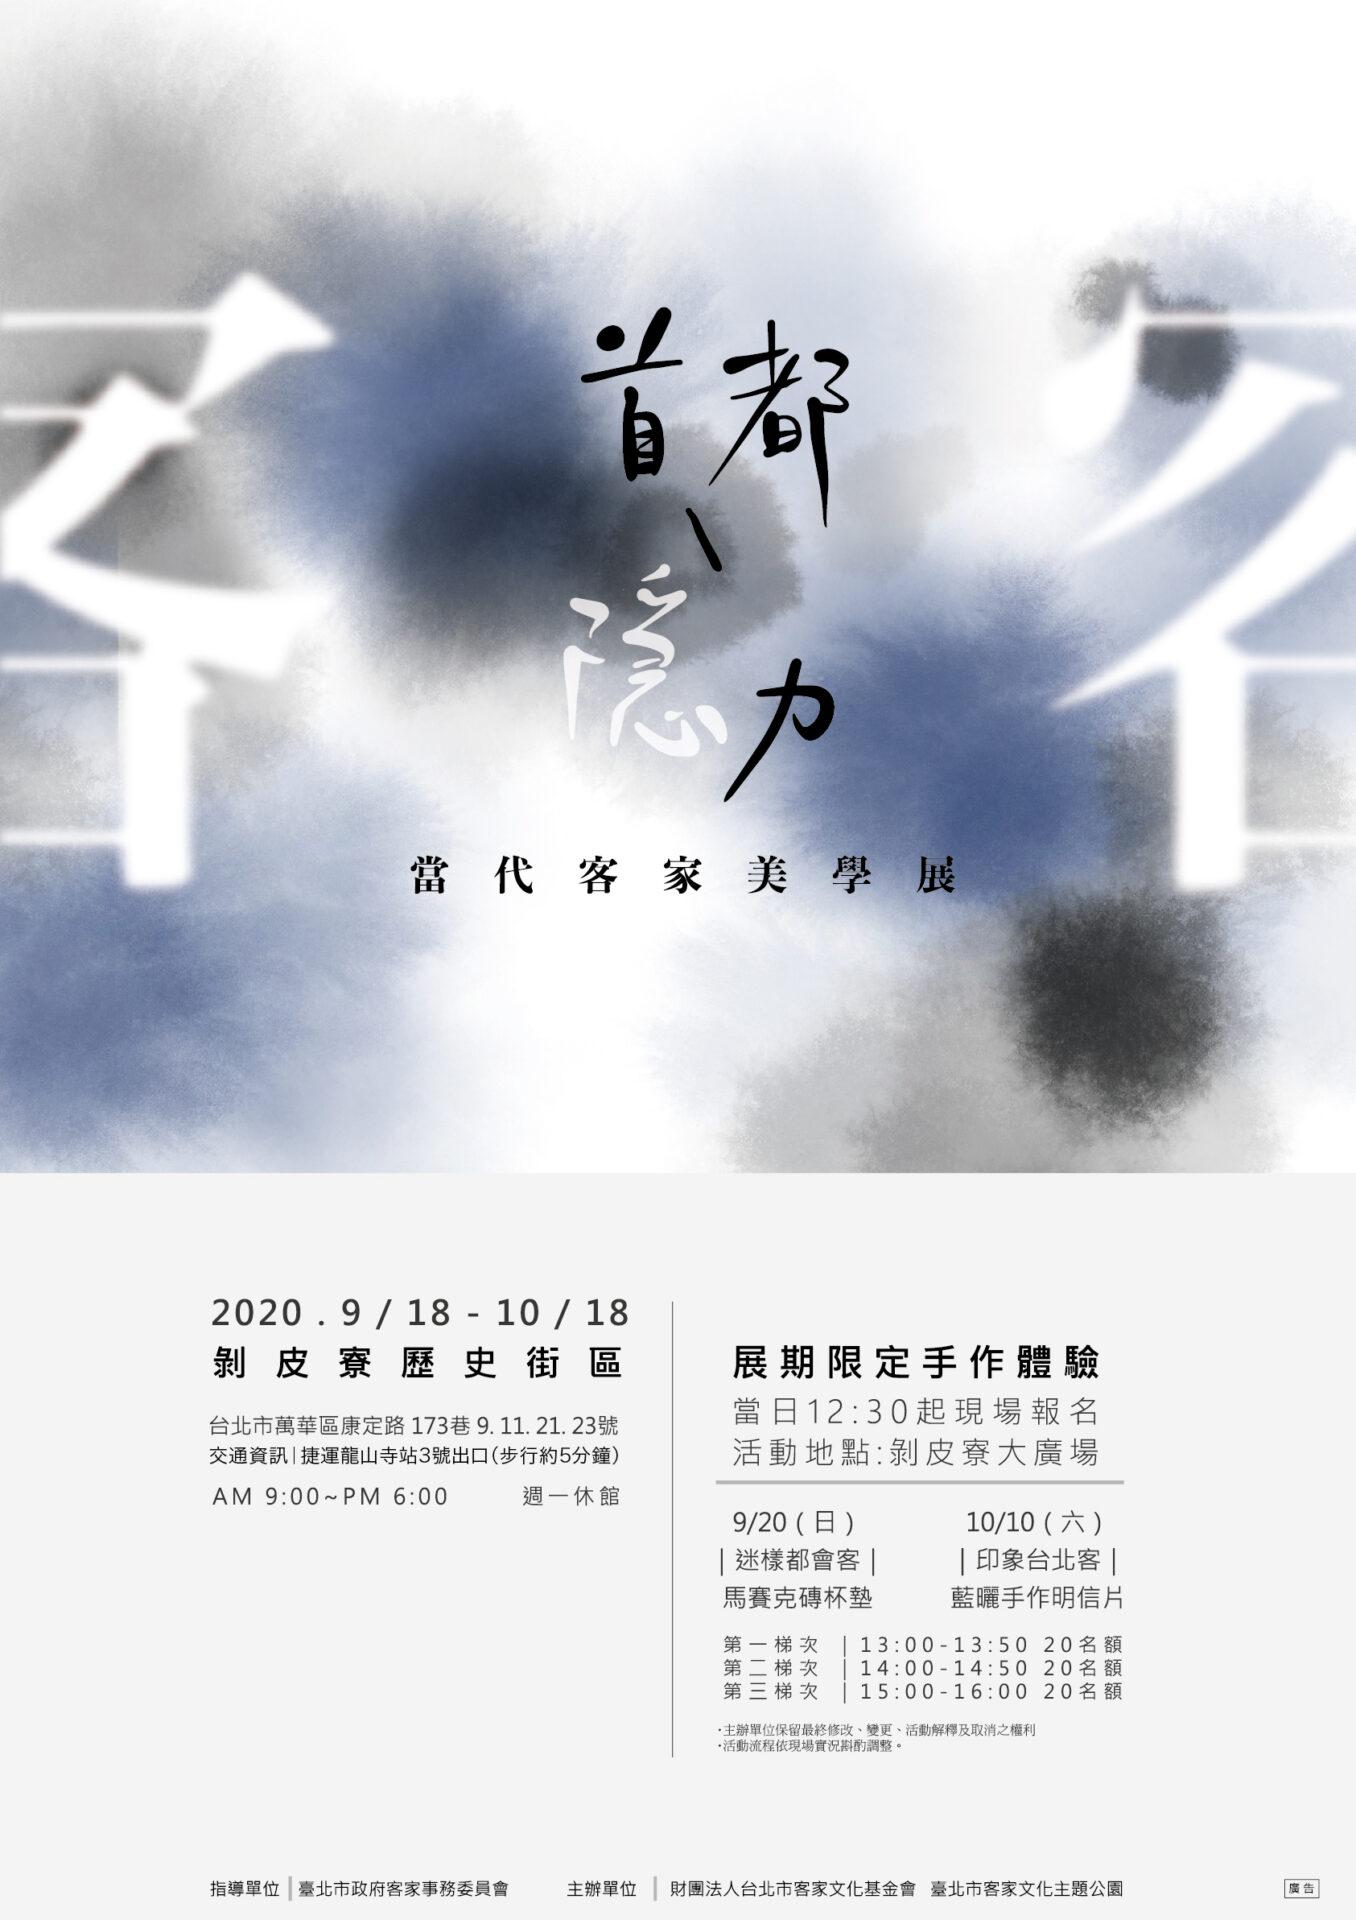 台北市客家文化基金會:2020/9/18-10/18【關於遷徙之後的流變與躍昇之美「首都 / 隱力」當代客家美學展】